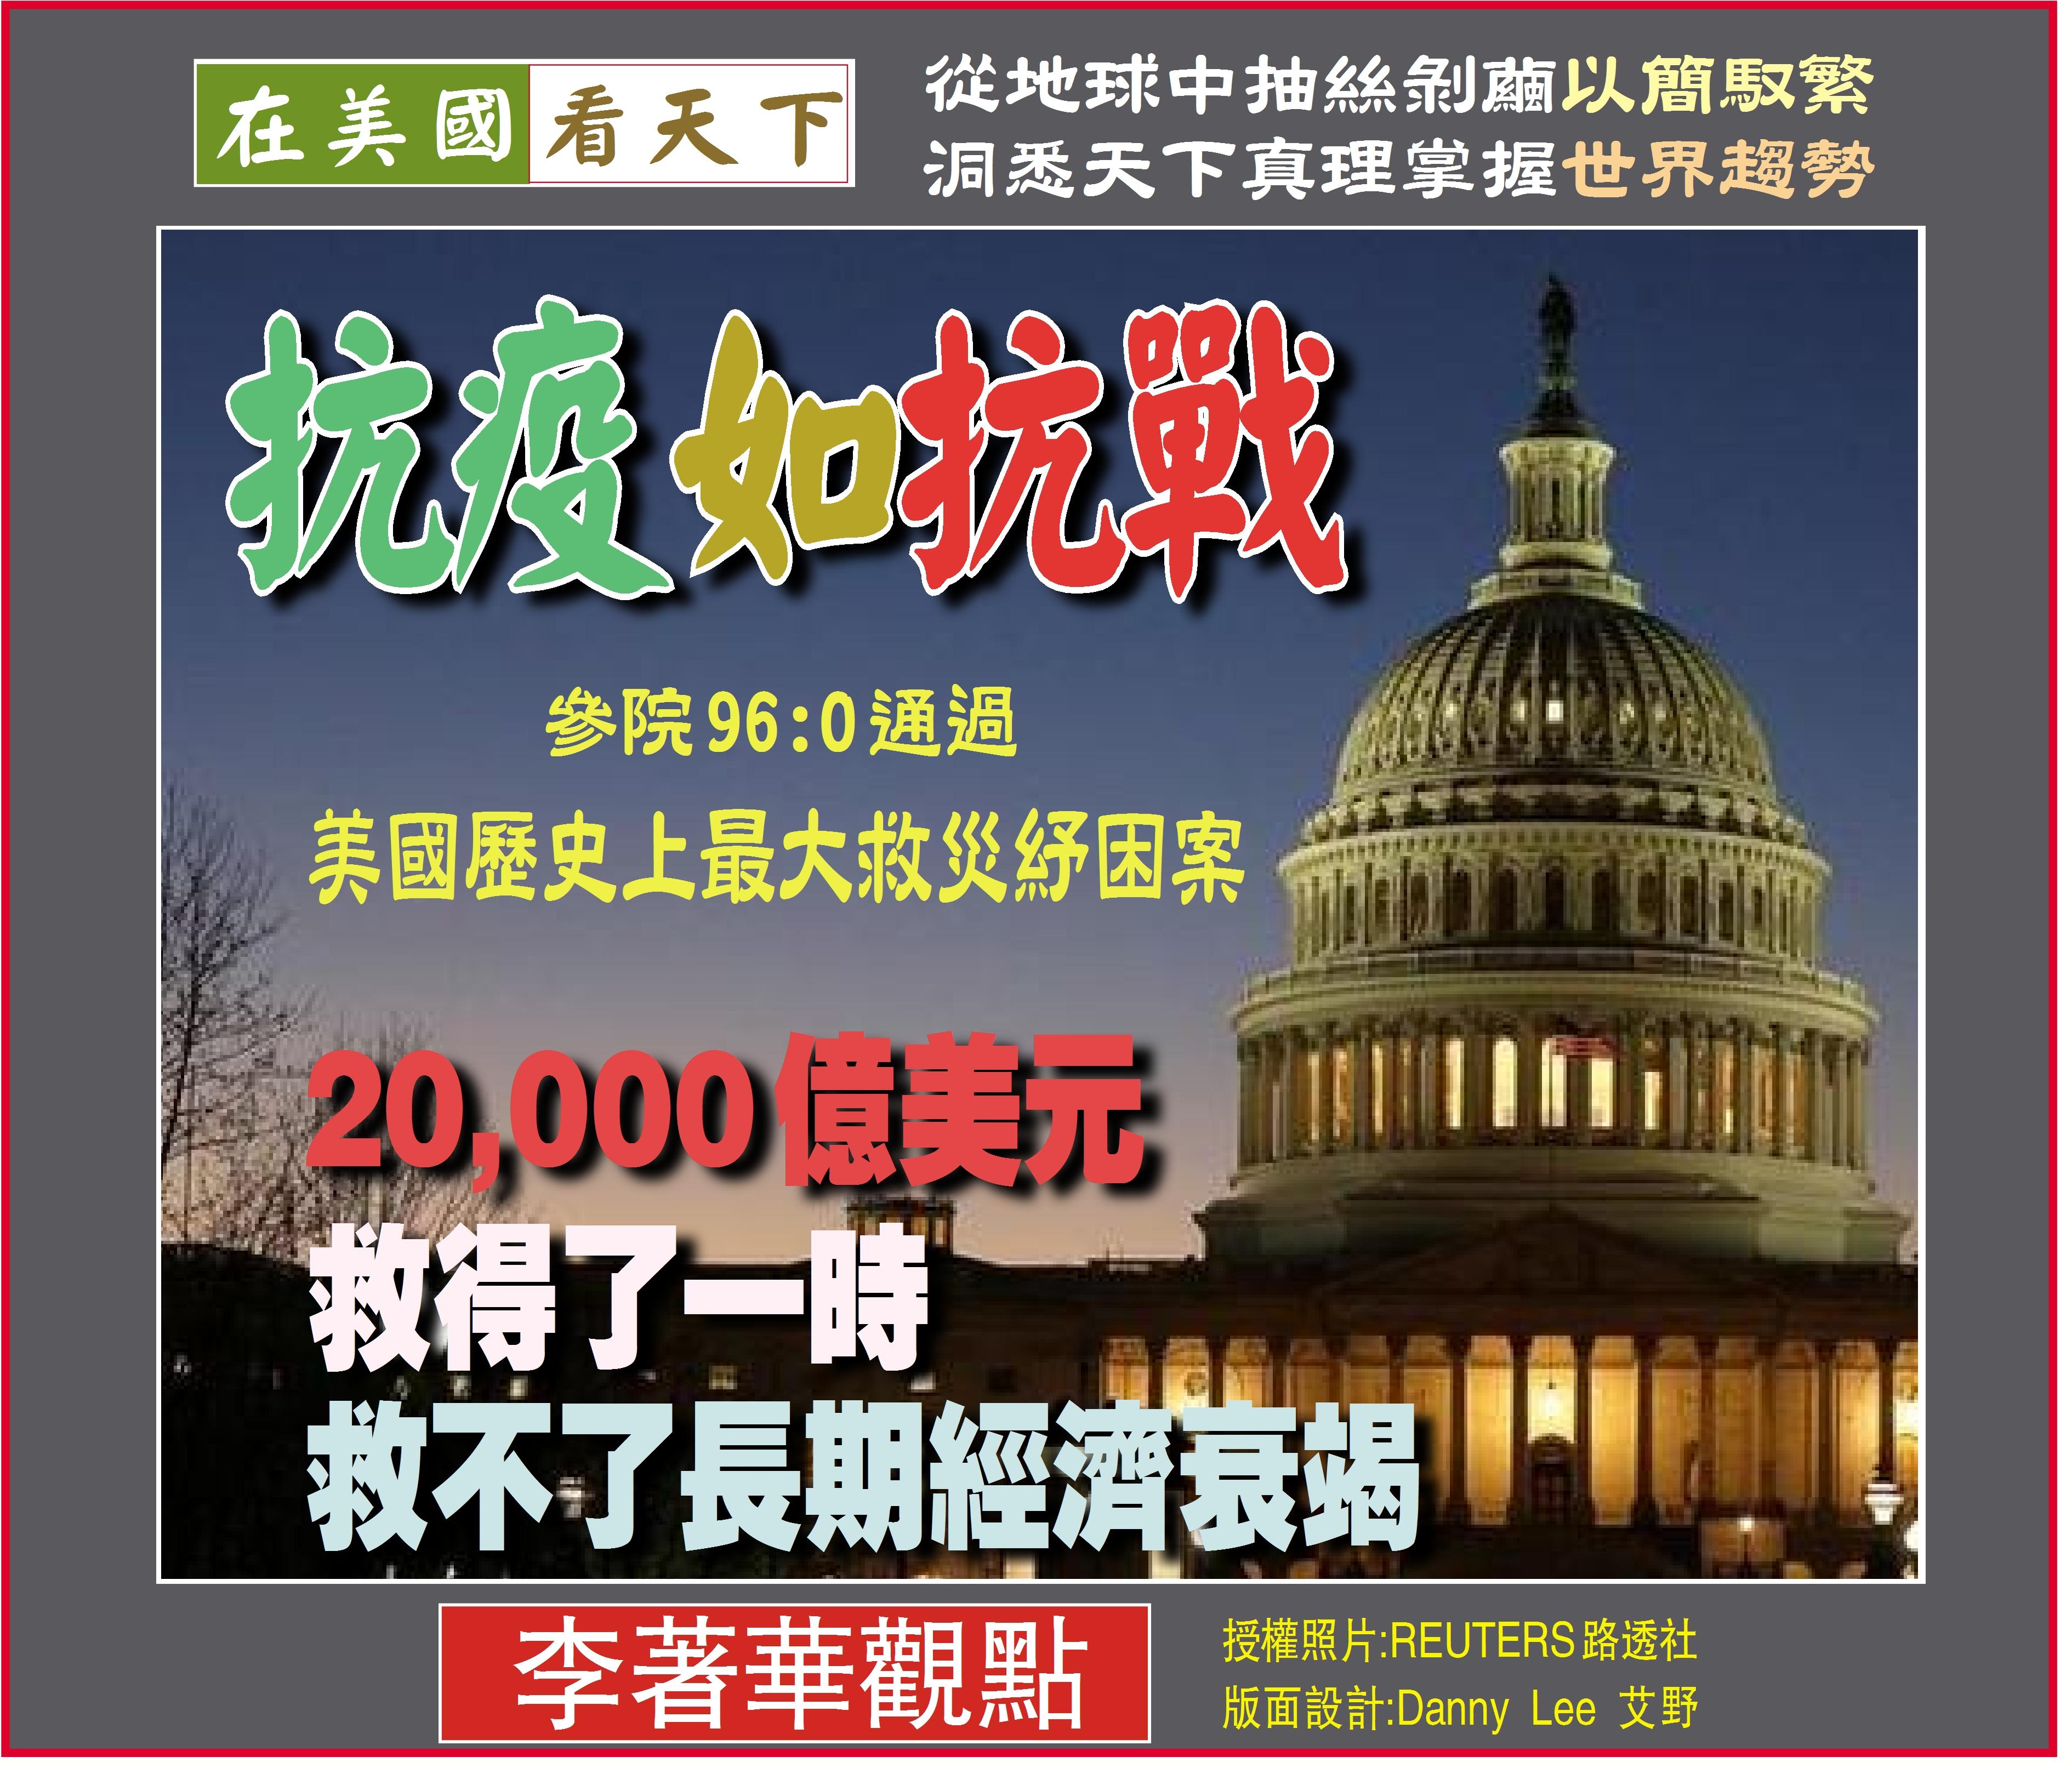 032620-抗疫如抗戰--參院通過美國史上最大紓困案-20,000億美元救得了一時,救不了長期經濟衰竭-1